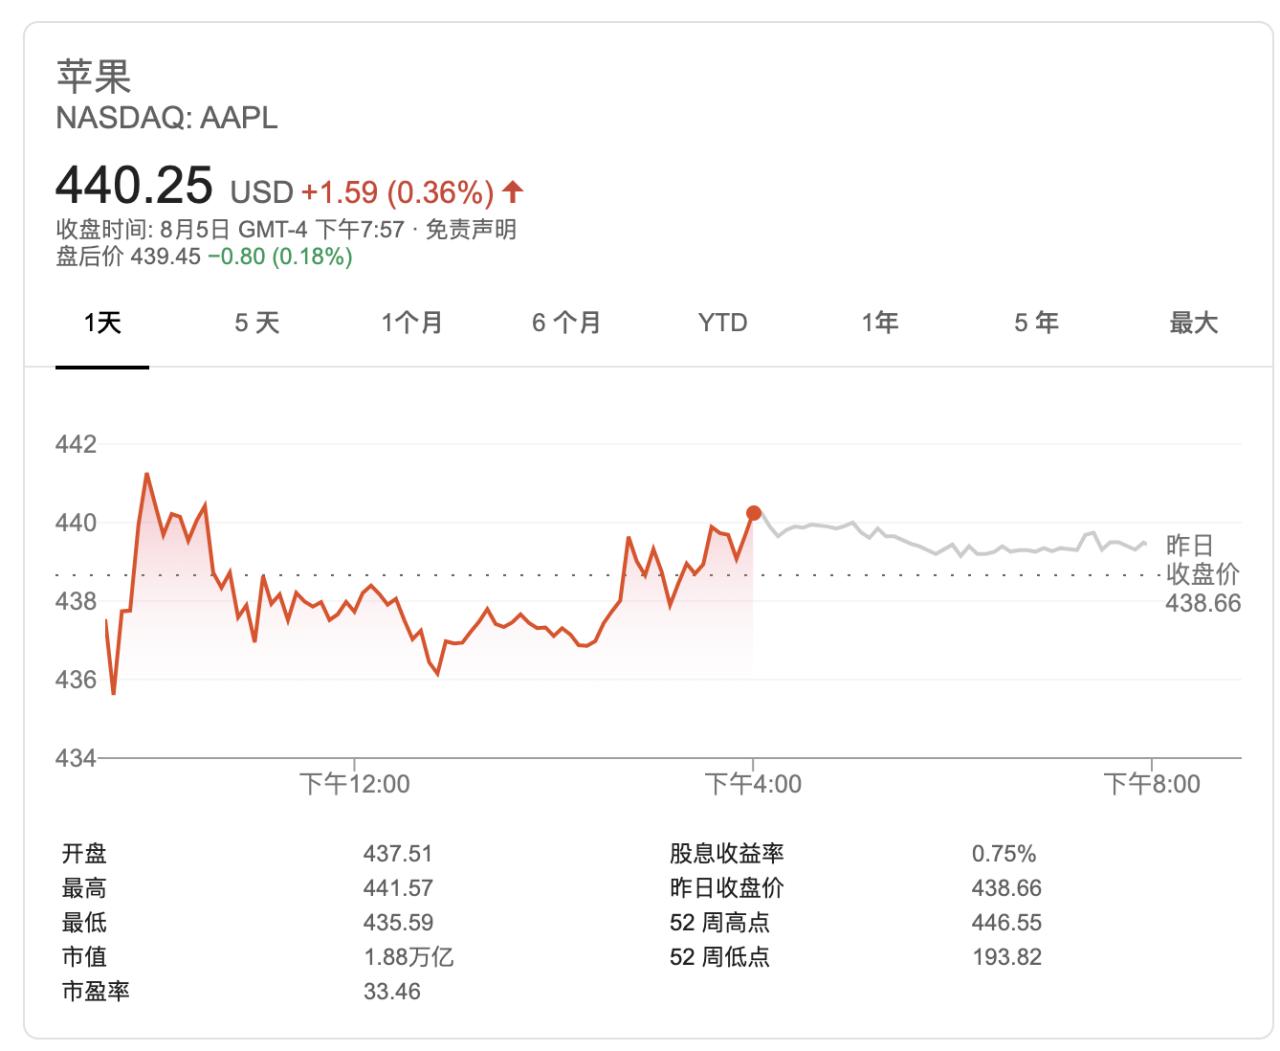 美银下调苹果股票评级至中性 未来存在一系列潜在风险